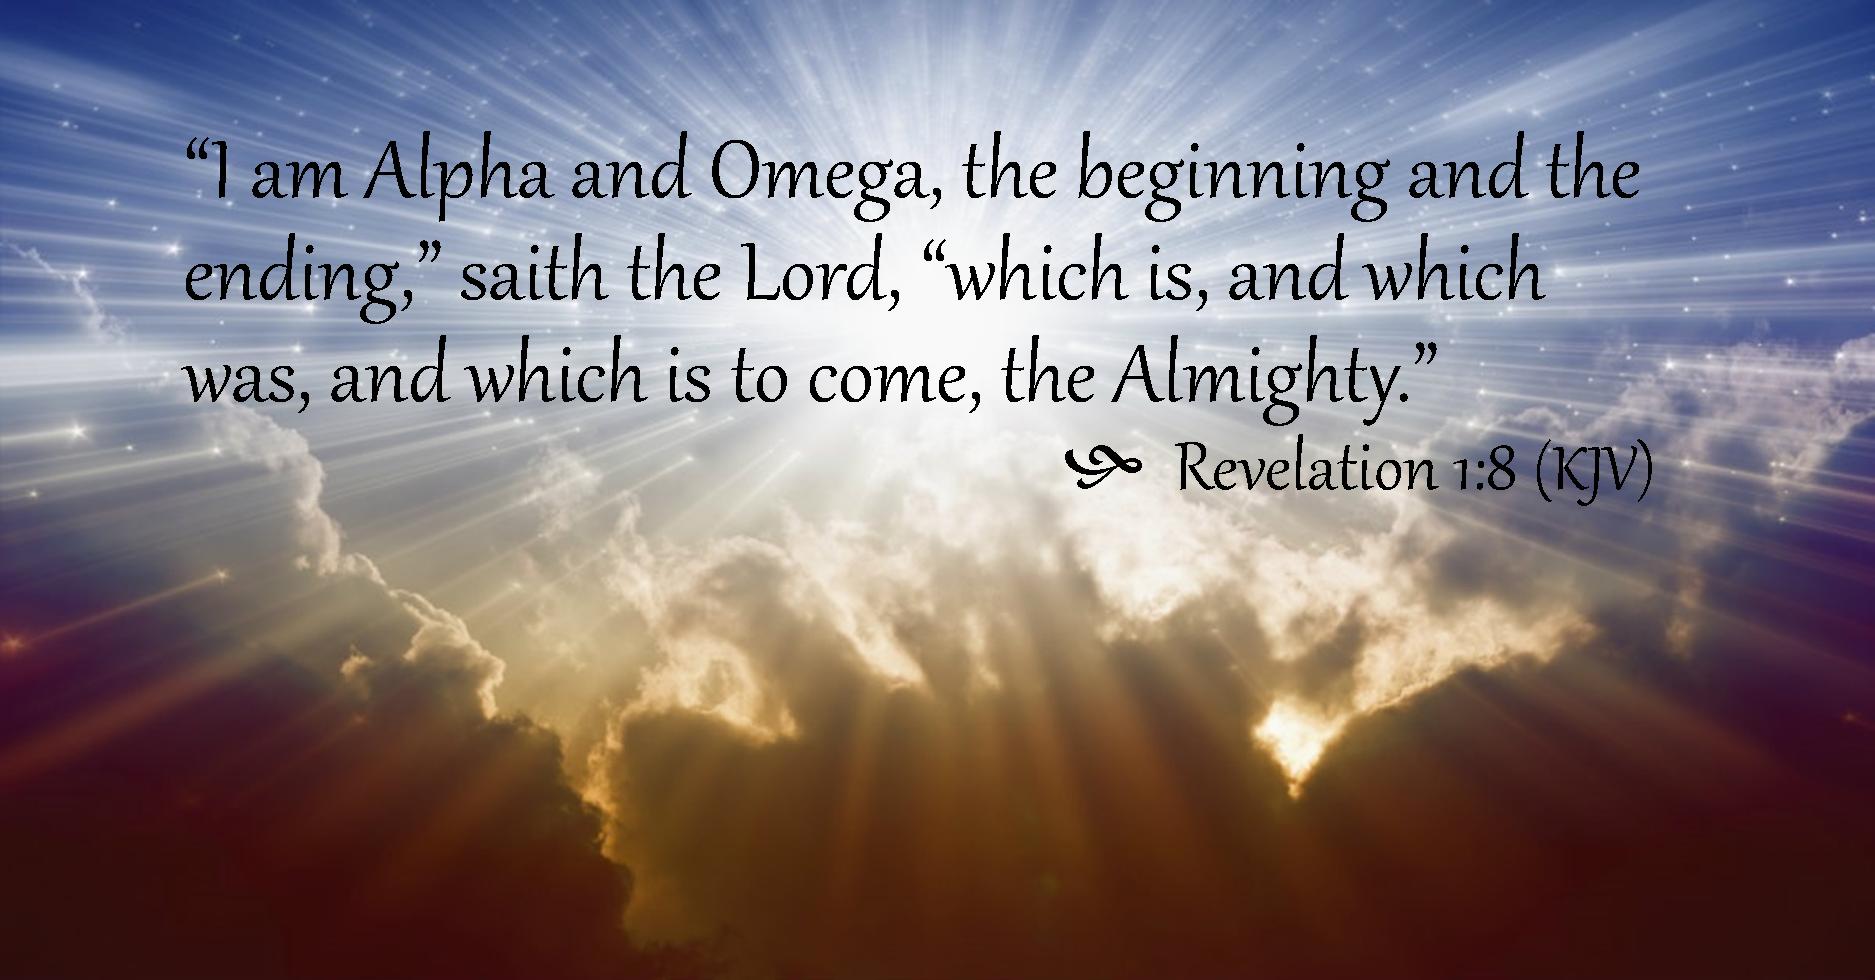 Revelation 1:8 - Wellspring Christian Ministries